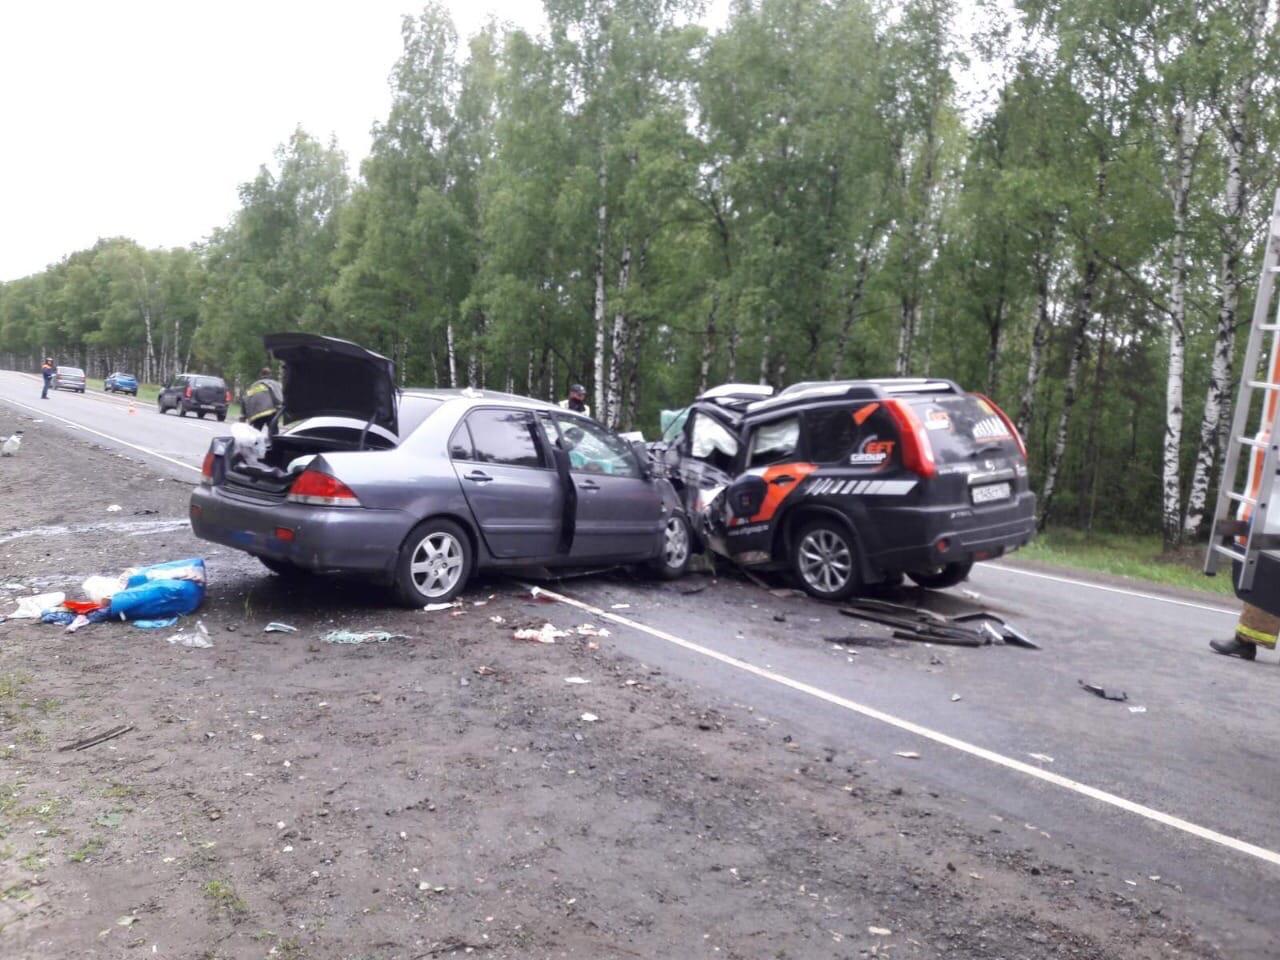 смертельная авария на семеновской трассе Нижний Новгород - киров